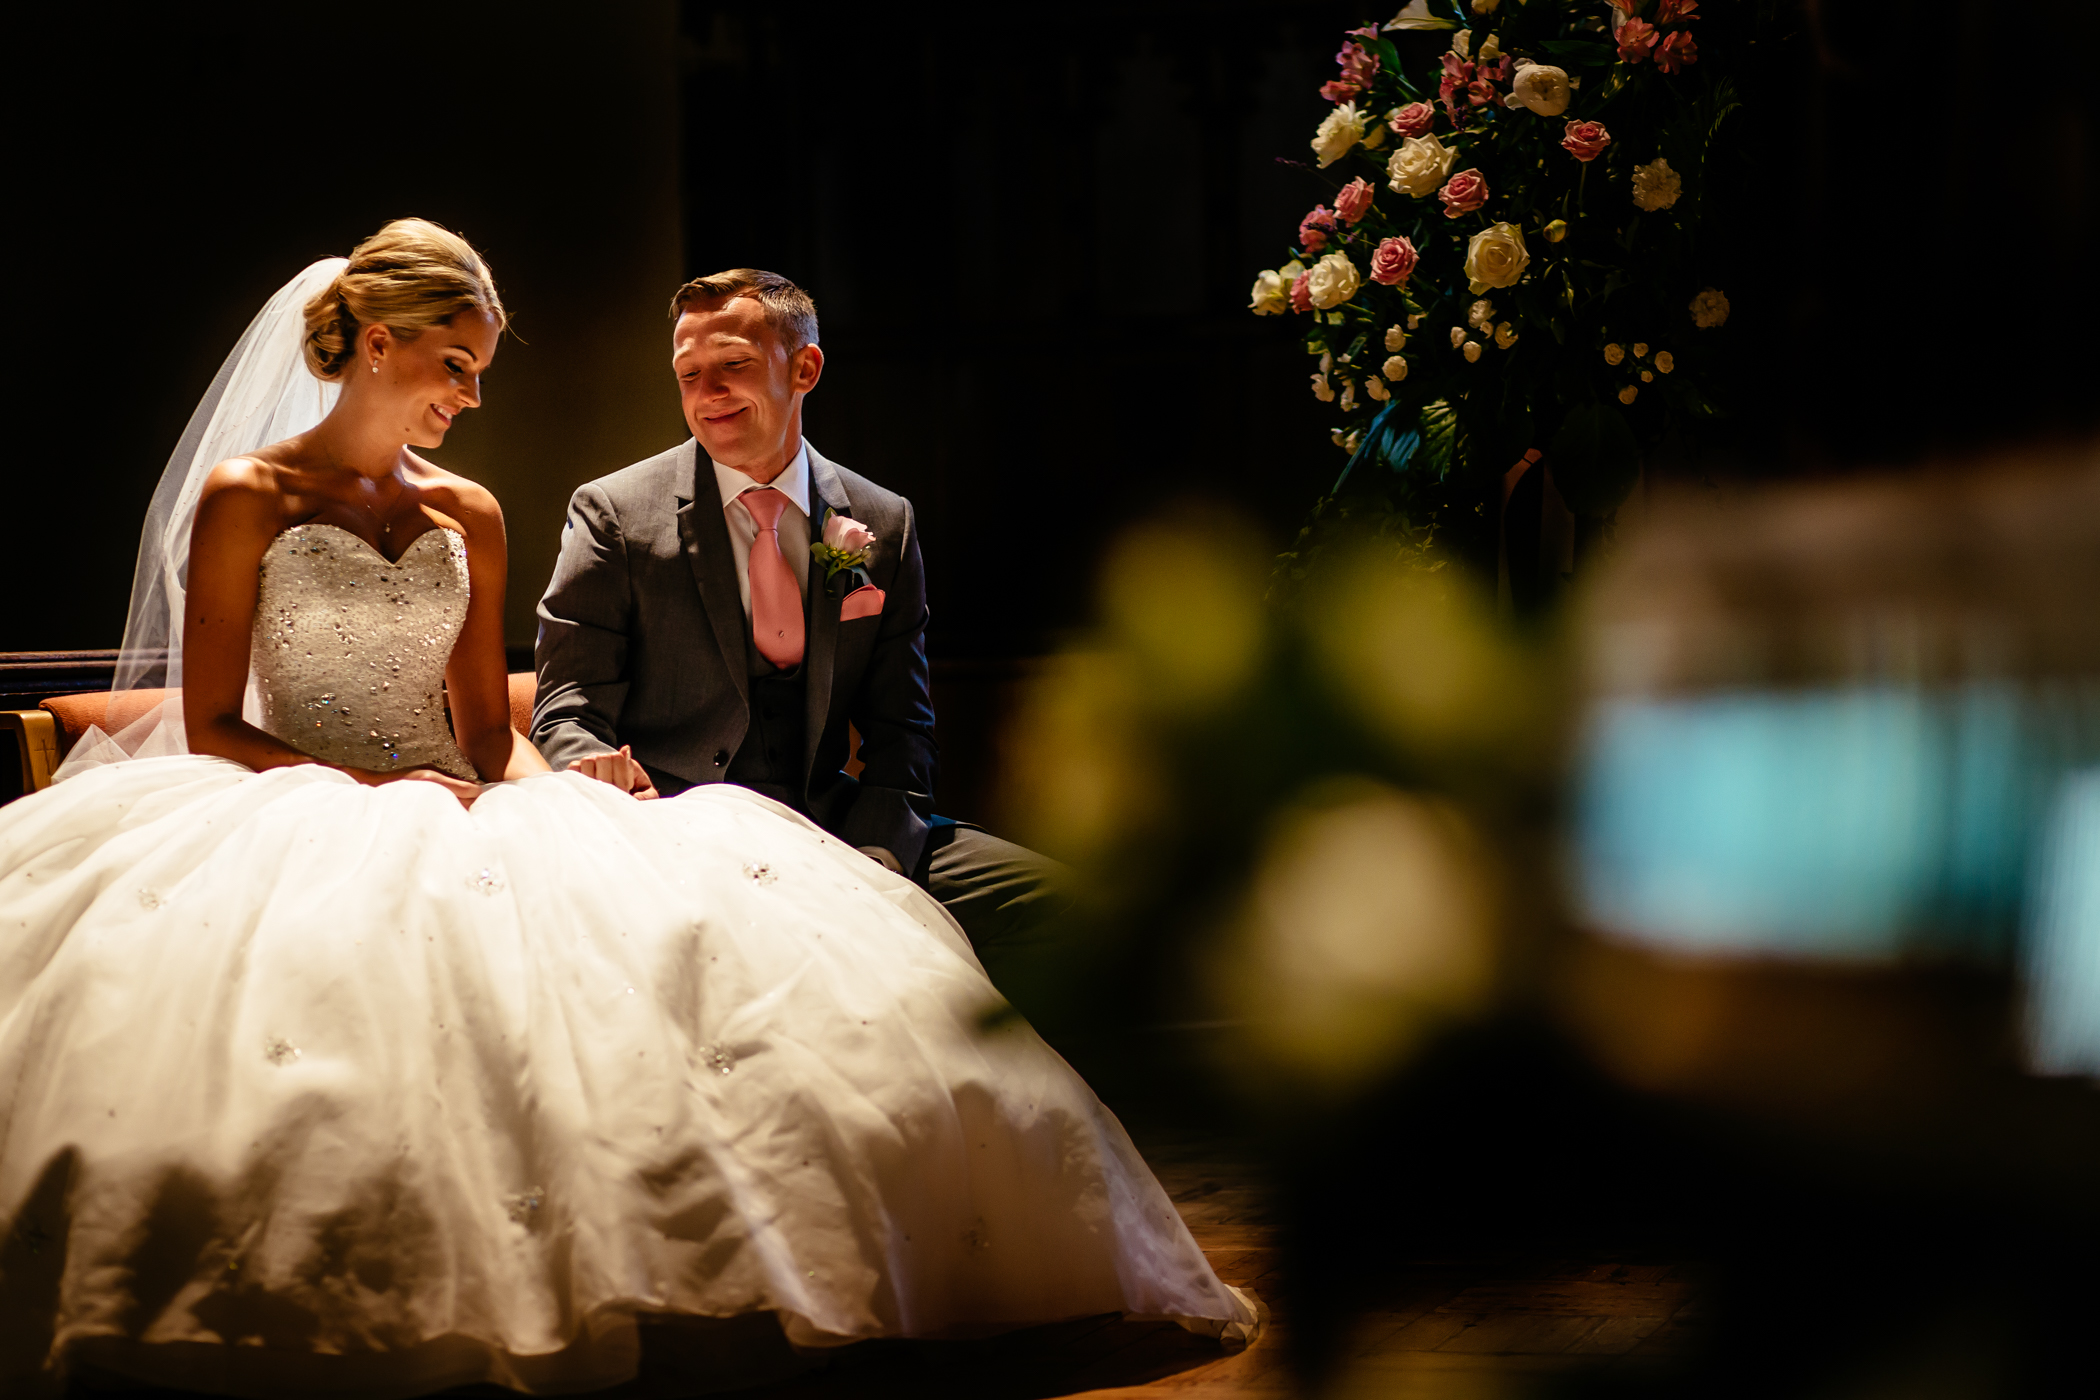 Lisa & Neil - Sansom Photography Harewood House Yorkshire Wedding Photography-23